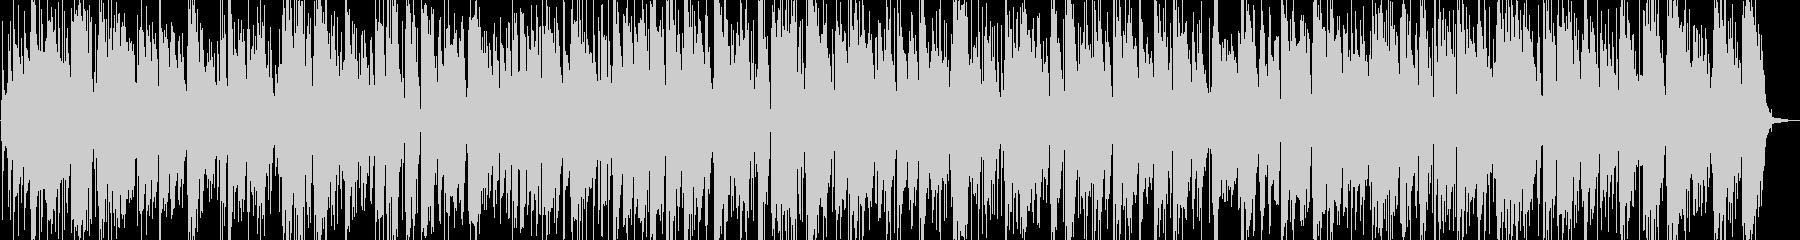 おしゃれかっこいいサックスジャズバラードの未再生の波形